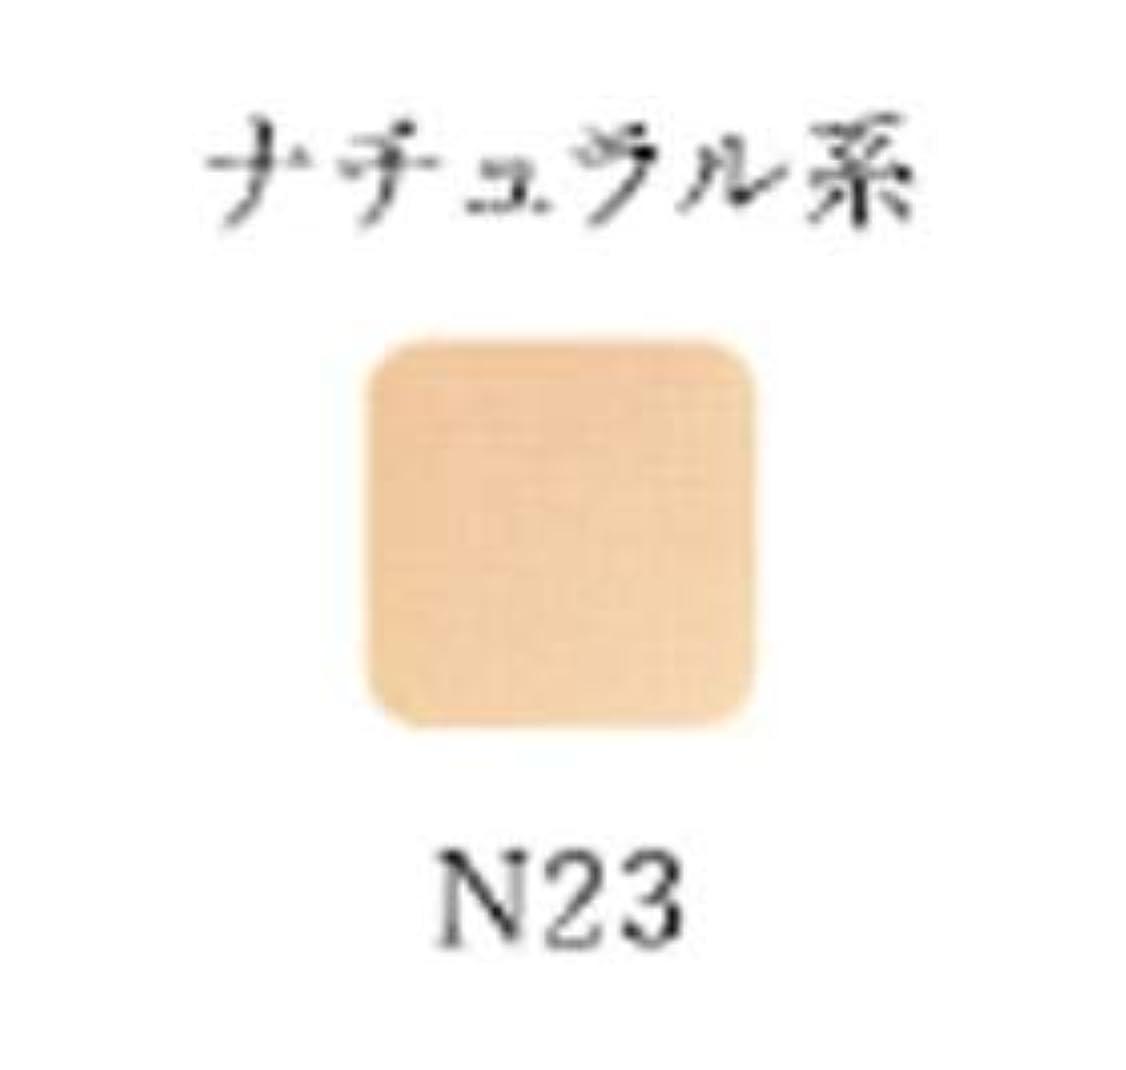 耐えられない両方物思いにふけるオリリー パウダリーフィニッシュUV(2ウェイ)(リフィル) N23ナチュラル系<ケース別売>(14g)